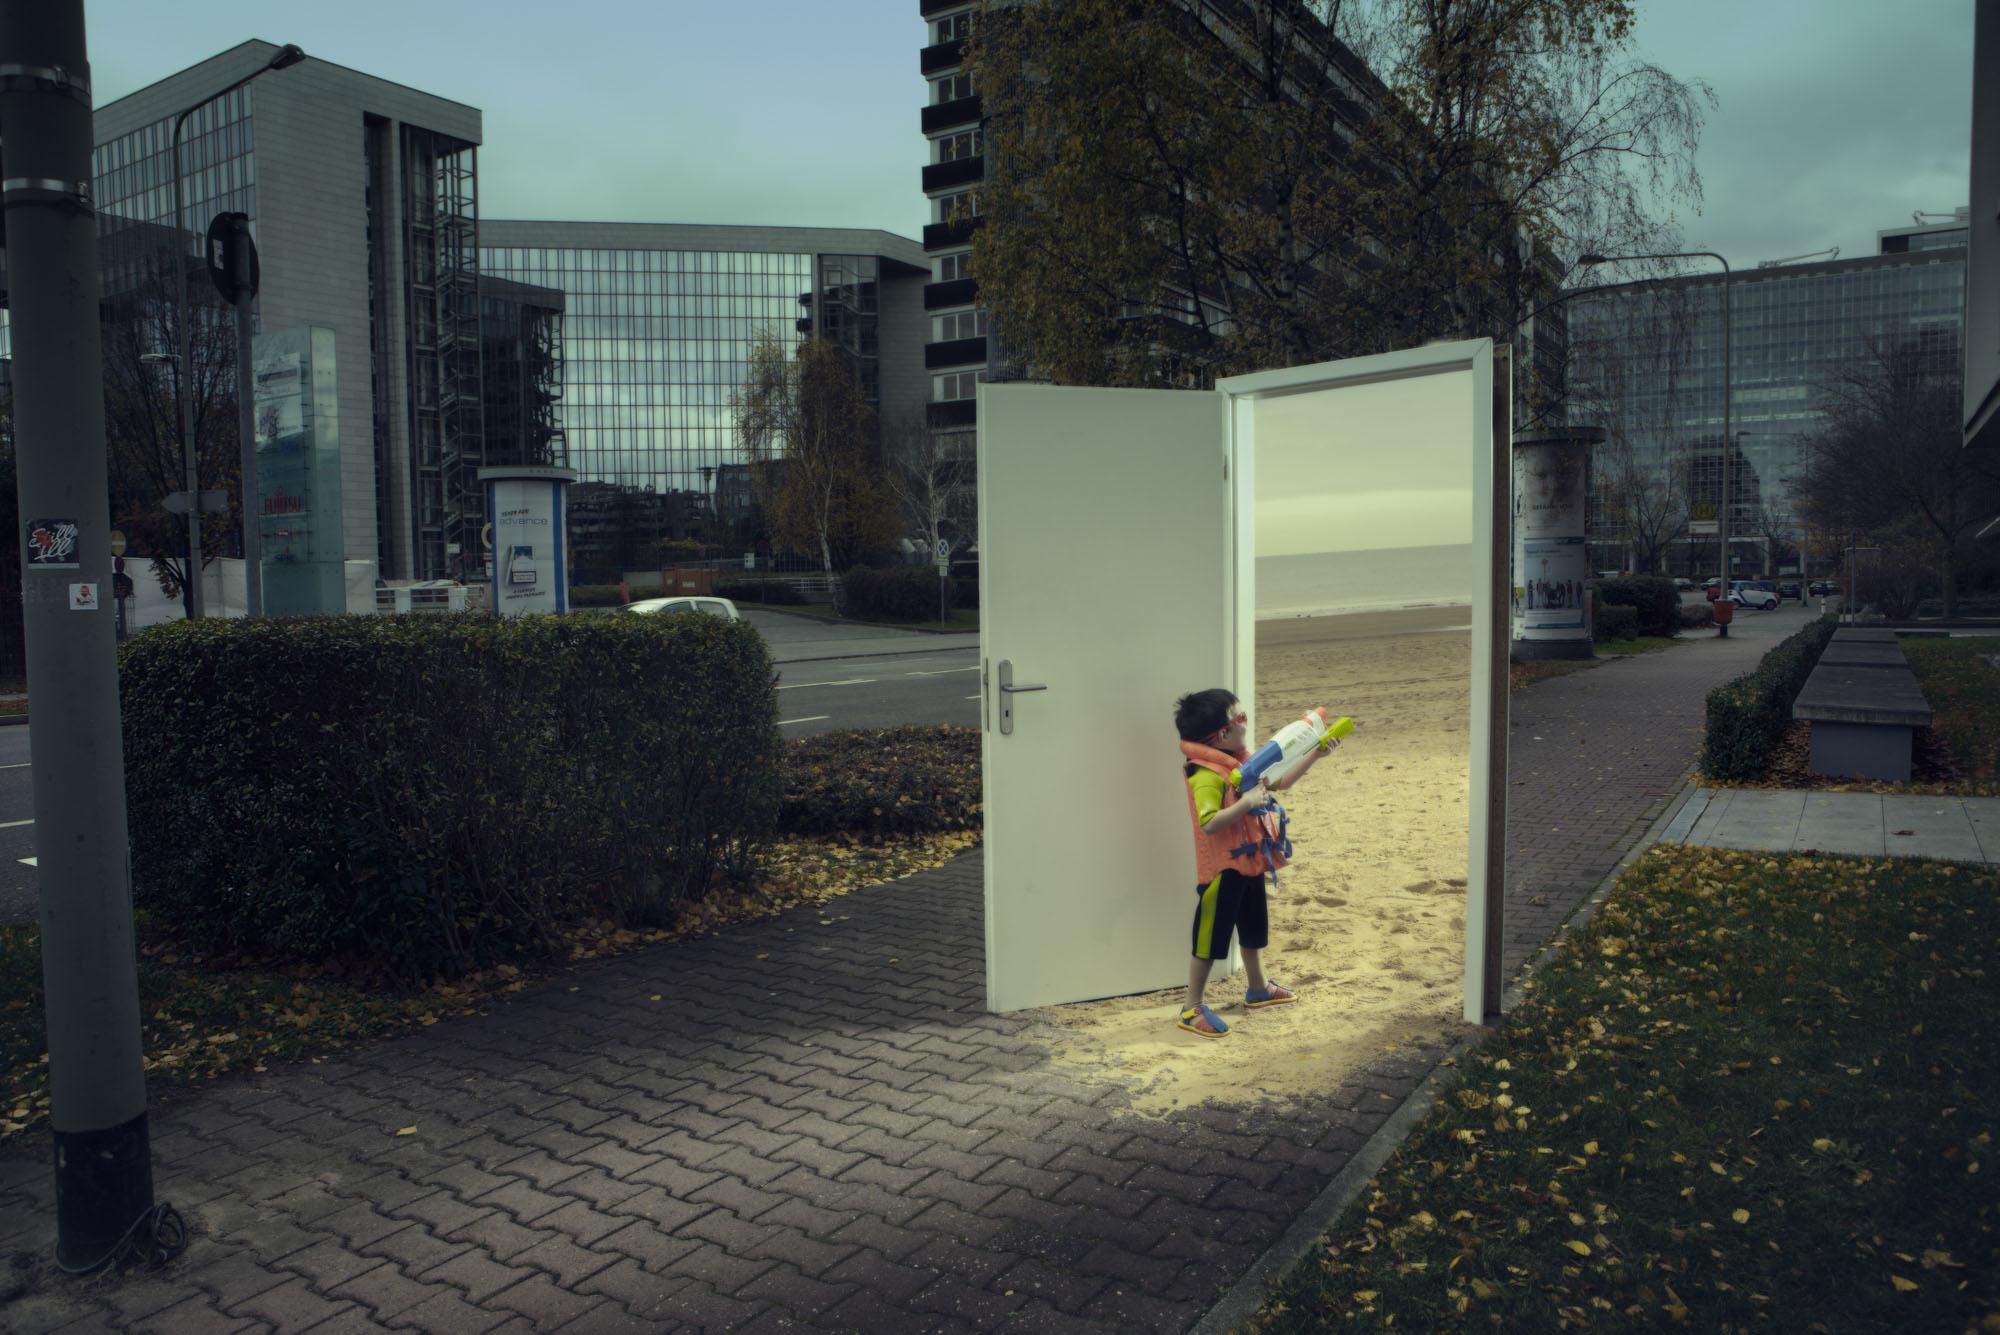 """Das surrealistische Foto aus der Serie """"Triologie der Türen"""", zeigt einen kleinen Jungen mit Wasserpistole, der durch eine auf einer dunklen Straße stehende Zimmertür auf den sonnigen Sandstrand blickt, von dem Fotografen Fritz Phillipp aus Frankfurt im Rhein-Main-Gebiet"""